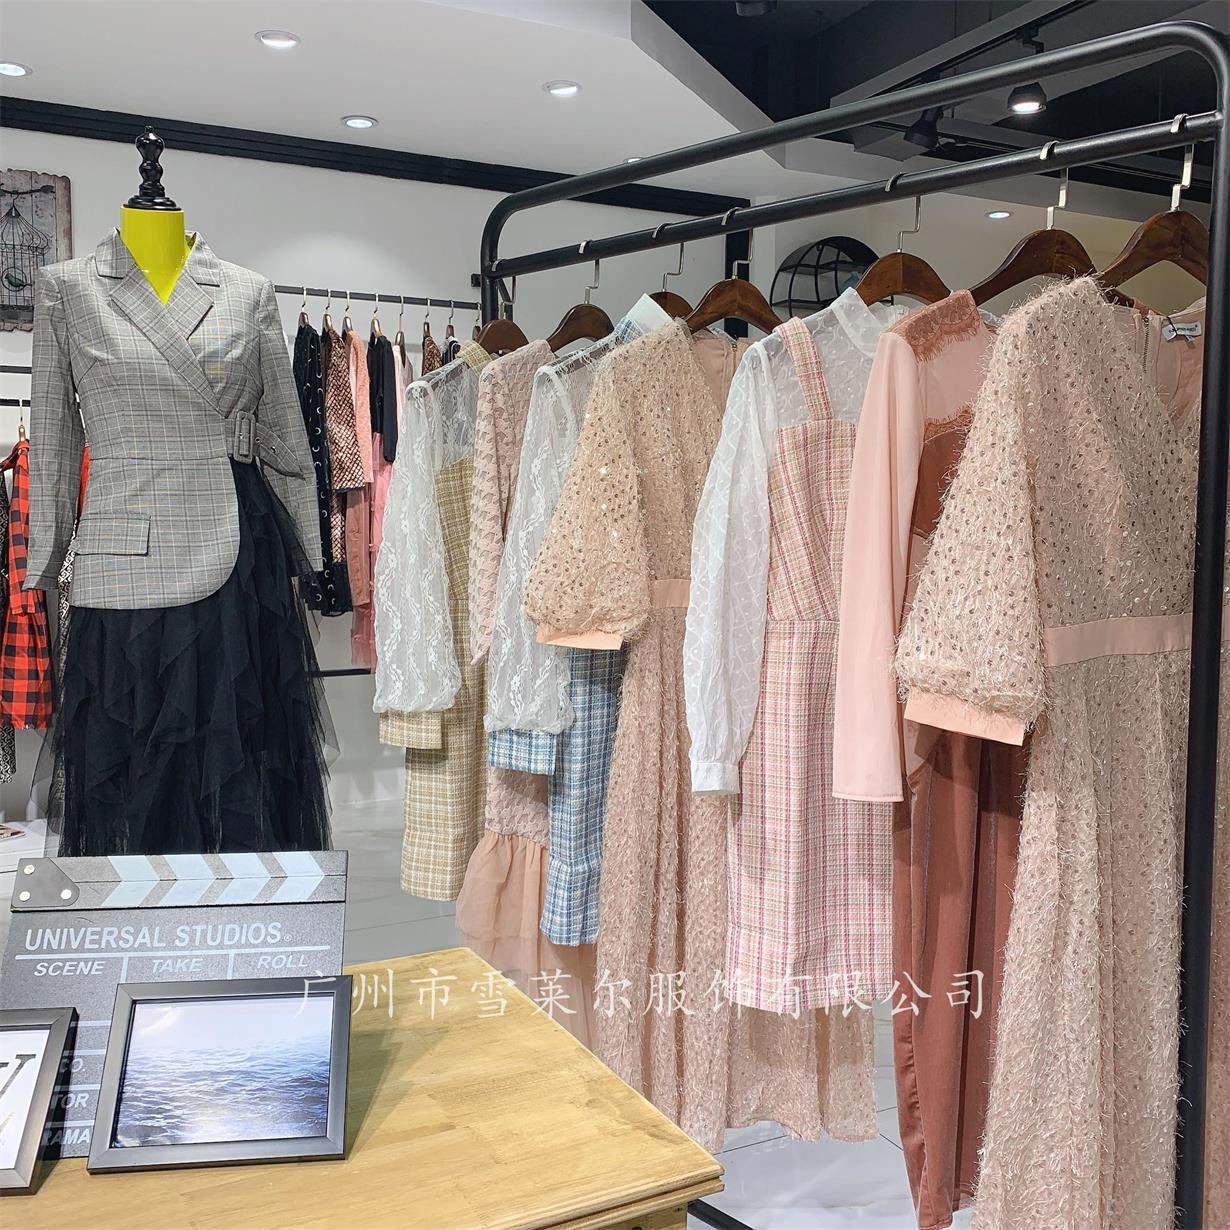 雪萊爾:中國服裝行業的9大新趨勢,服裝創業必看!!